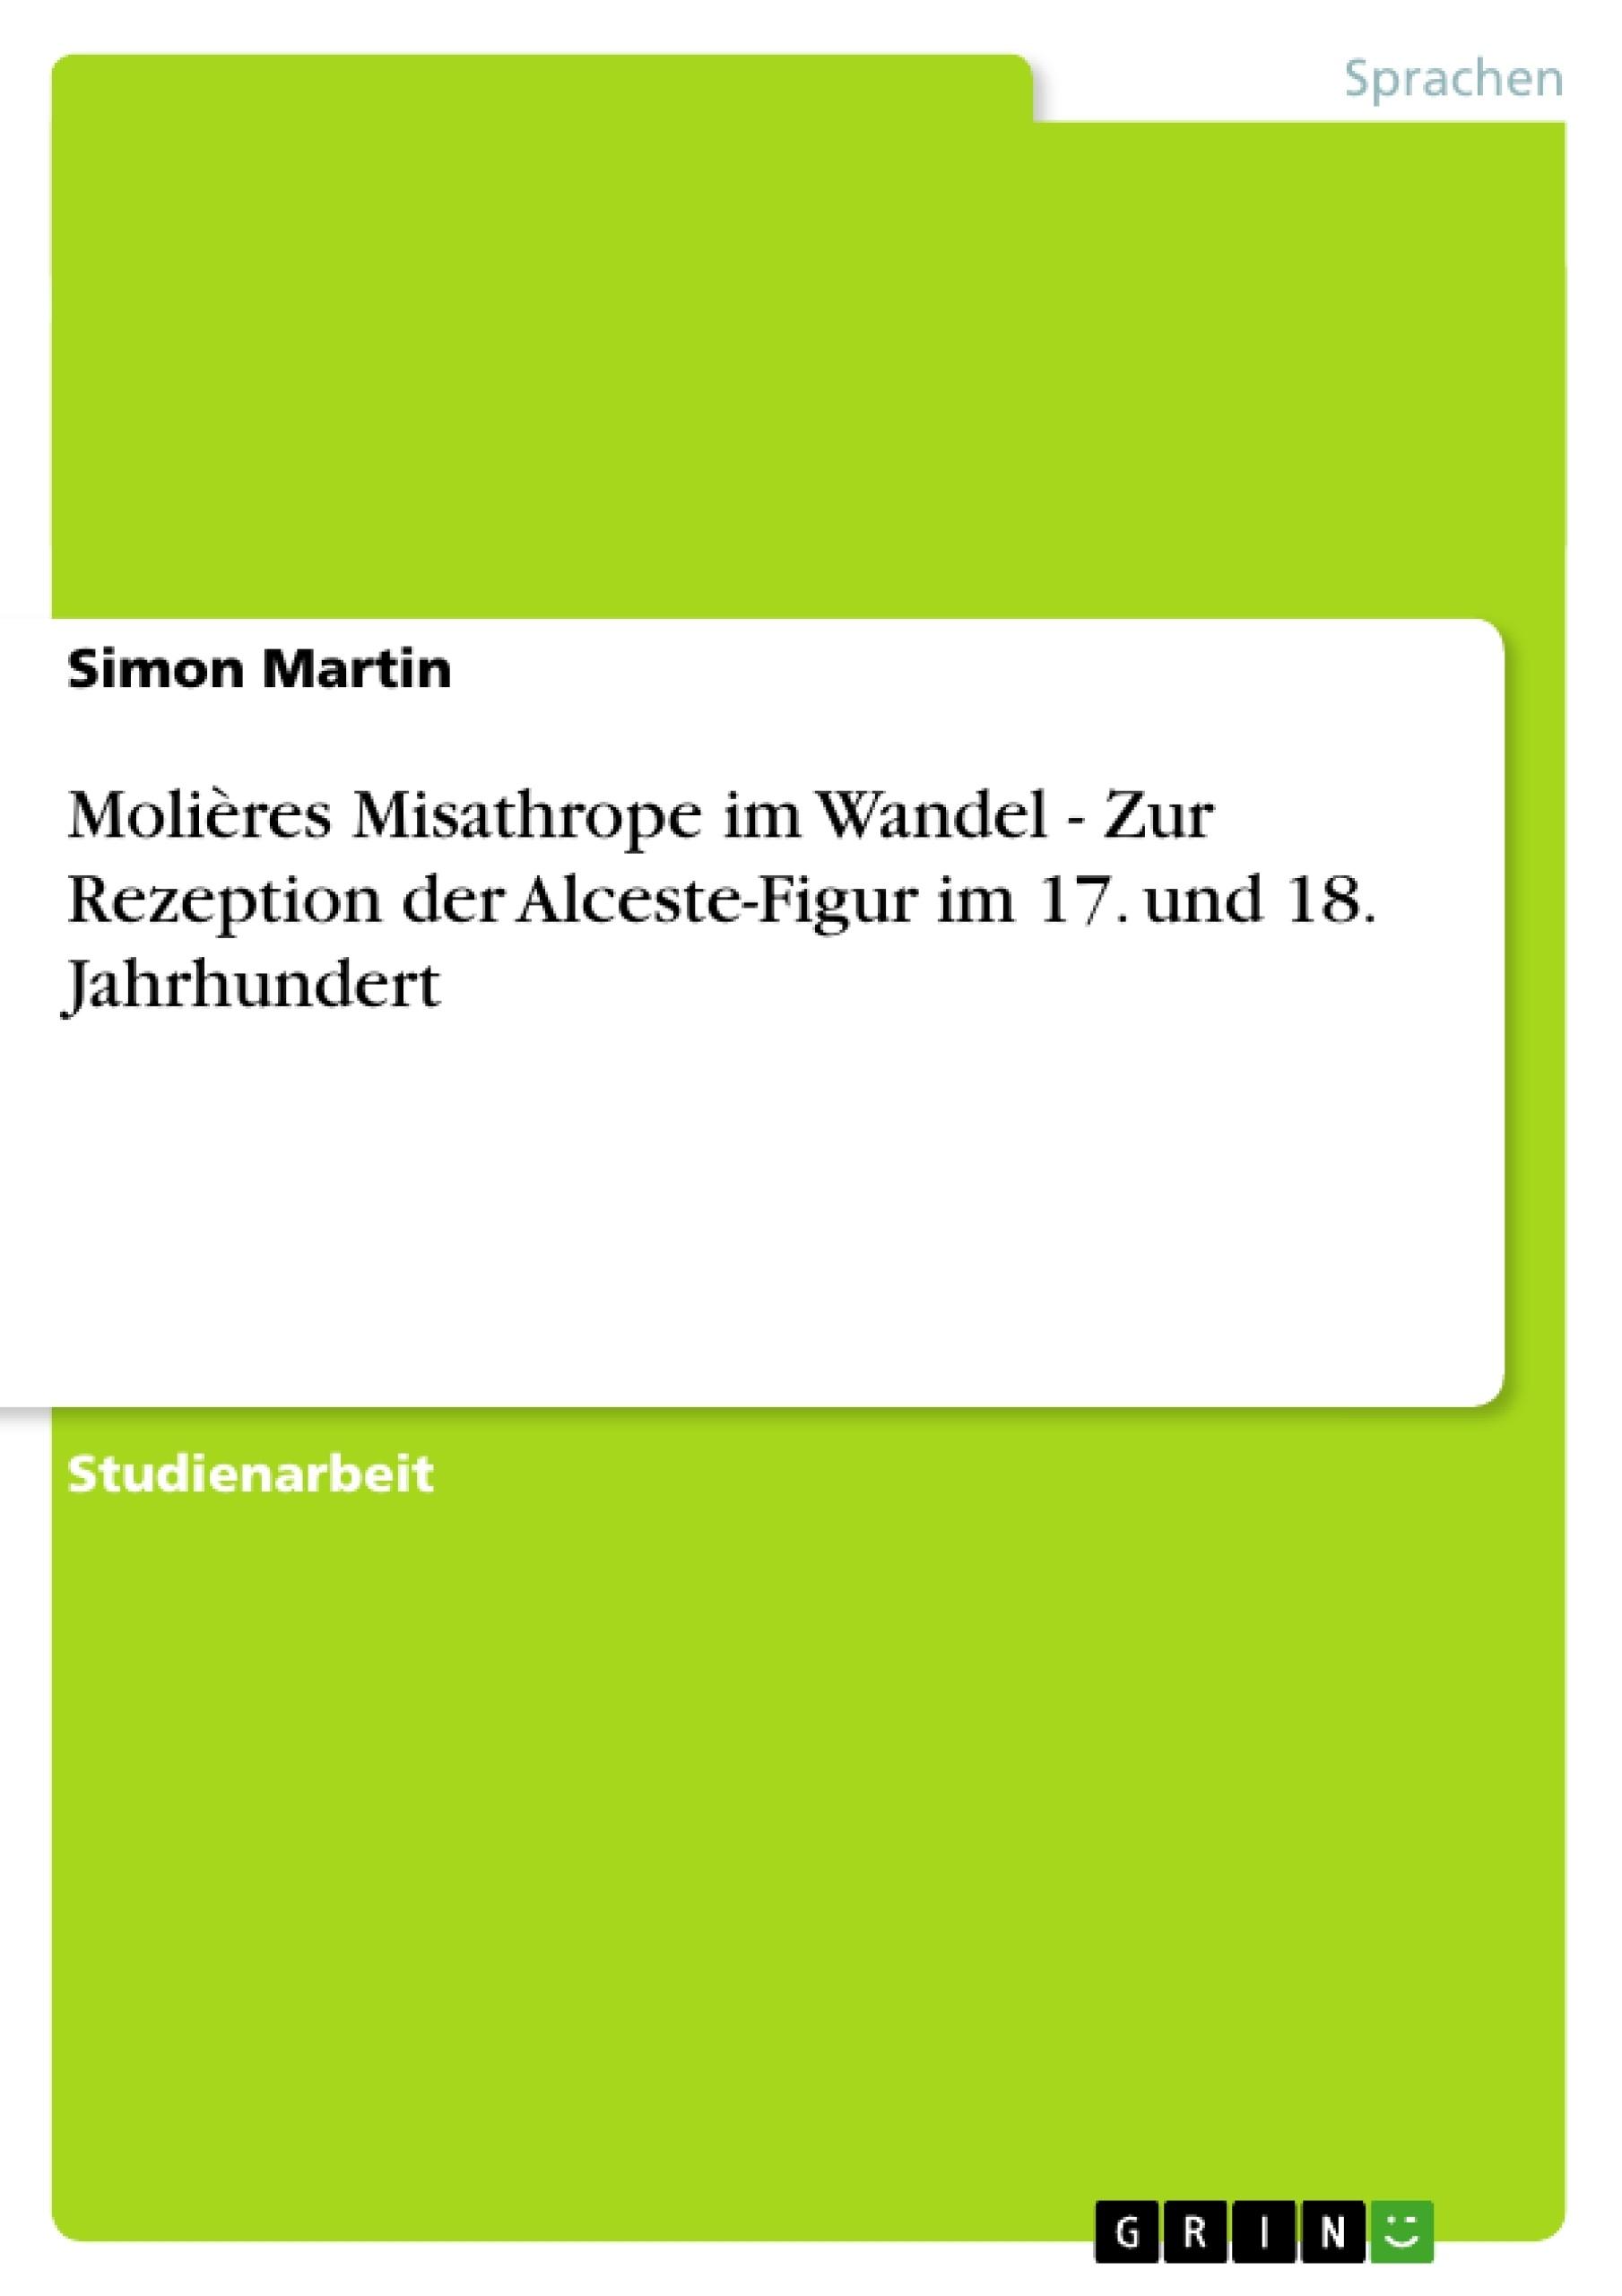 Titel: Molières Misathrope im Wandel - Zur Rezeption der Alceste-Figur im 17. und 18. Jahrhundert